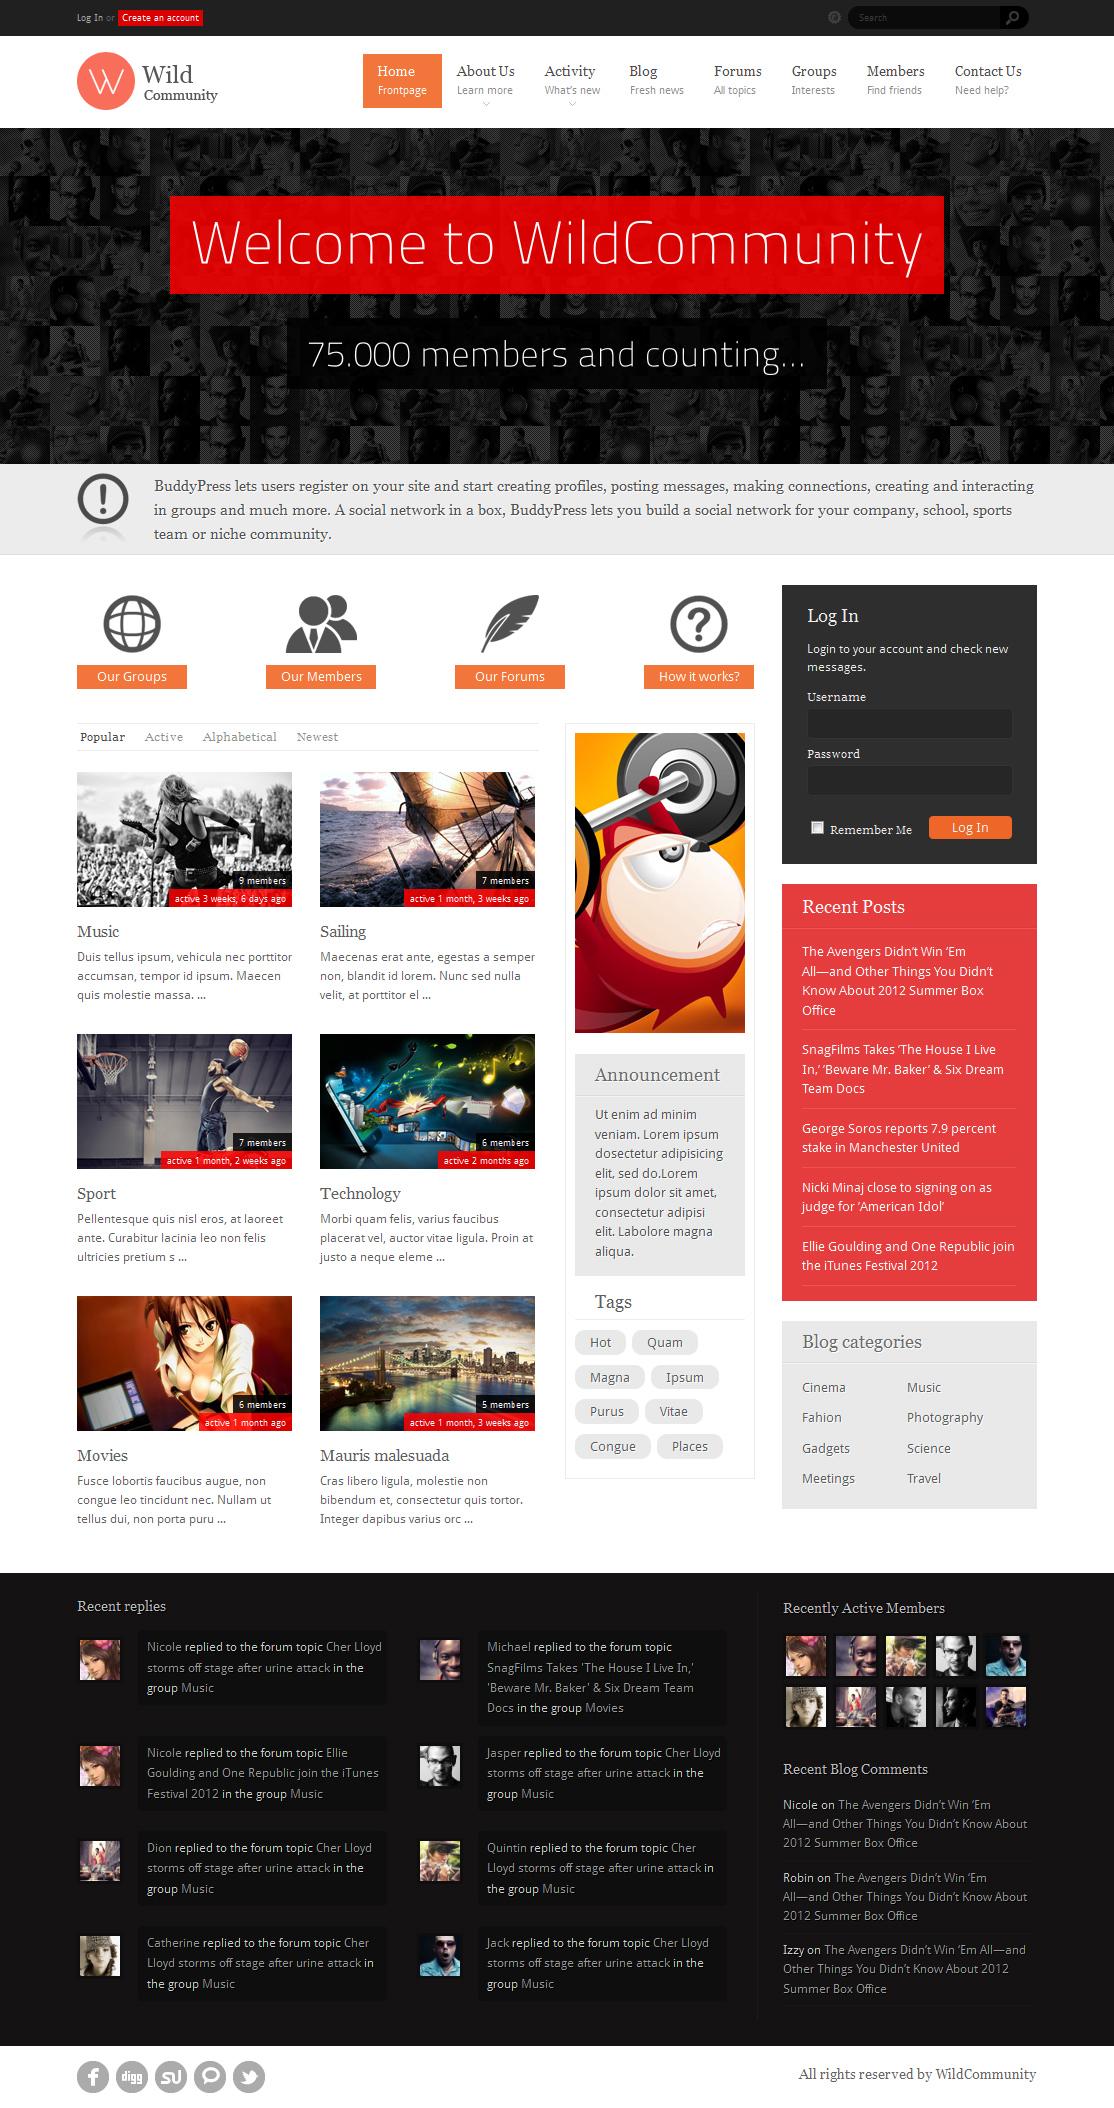 WildCommunity - BuddyPress Theme by Diabolique | ThemeForest